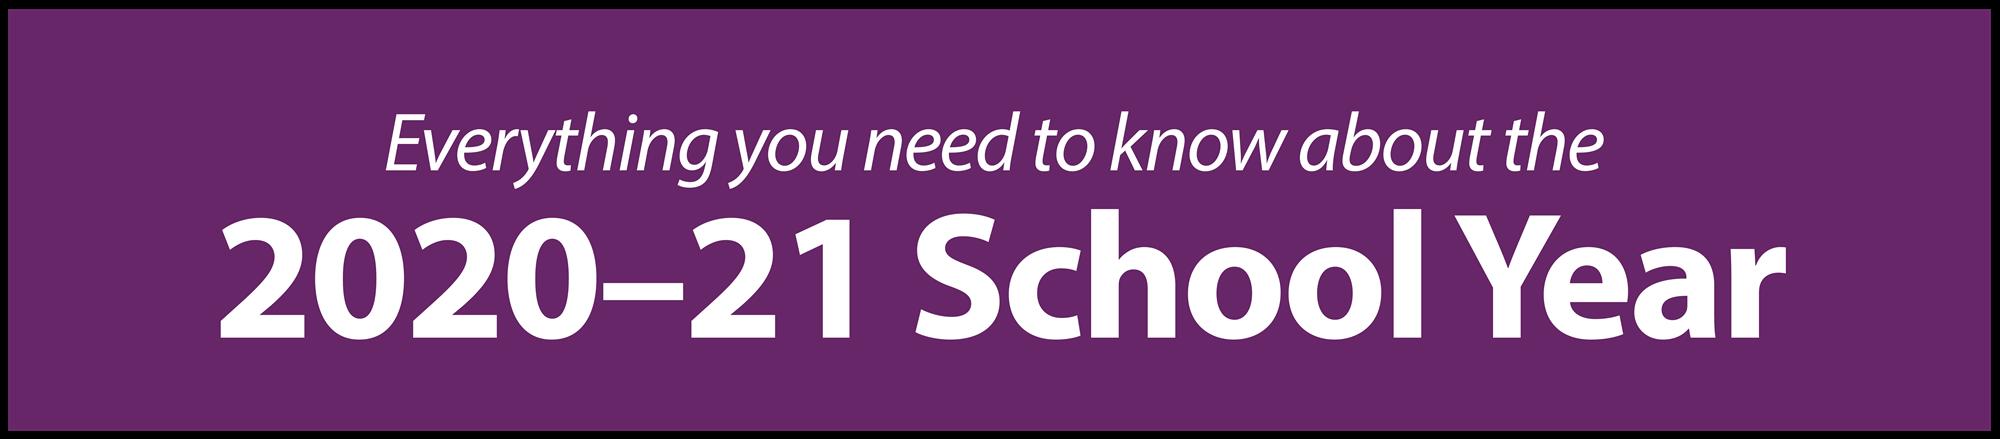 Fort Bend Isd Calendar 2022 23.2020 21 School Year 2020 21 School Year